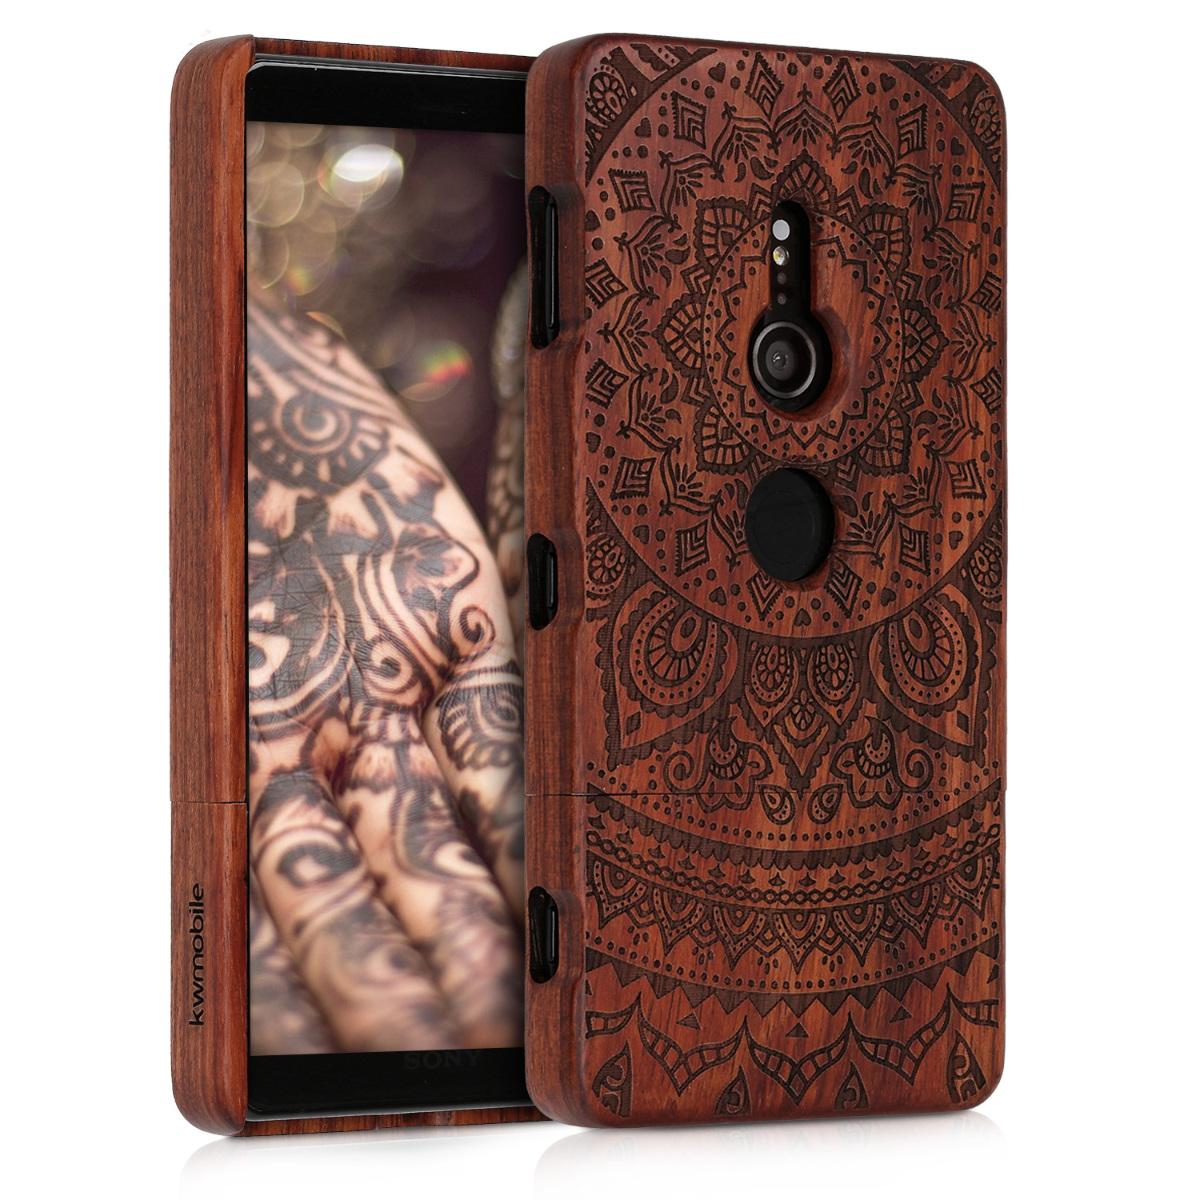 KW Σκληρή Ξύλινη Θήκη Sony Xperia XZ2 - Dark Brown - Indian Sun - (45430.02)